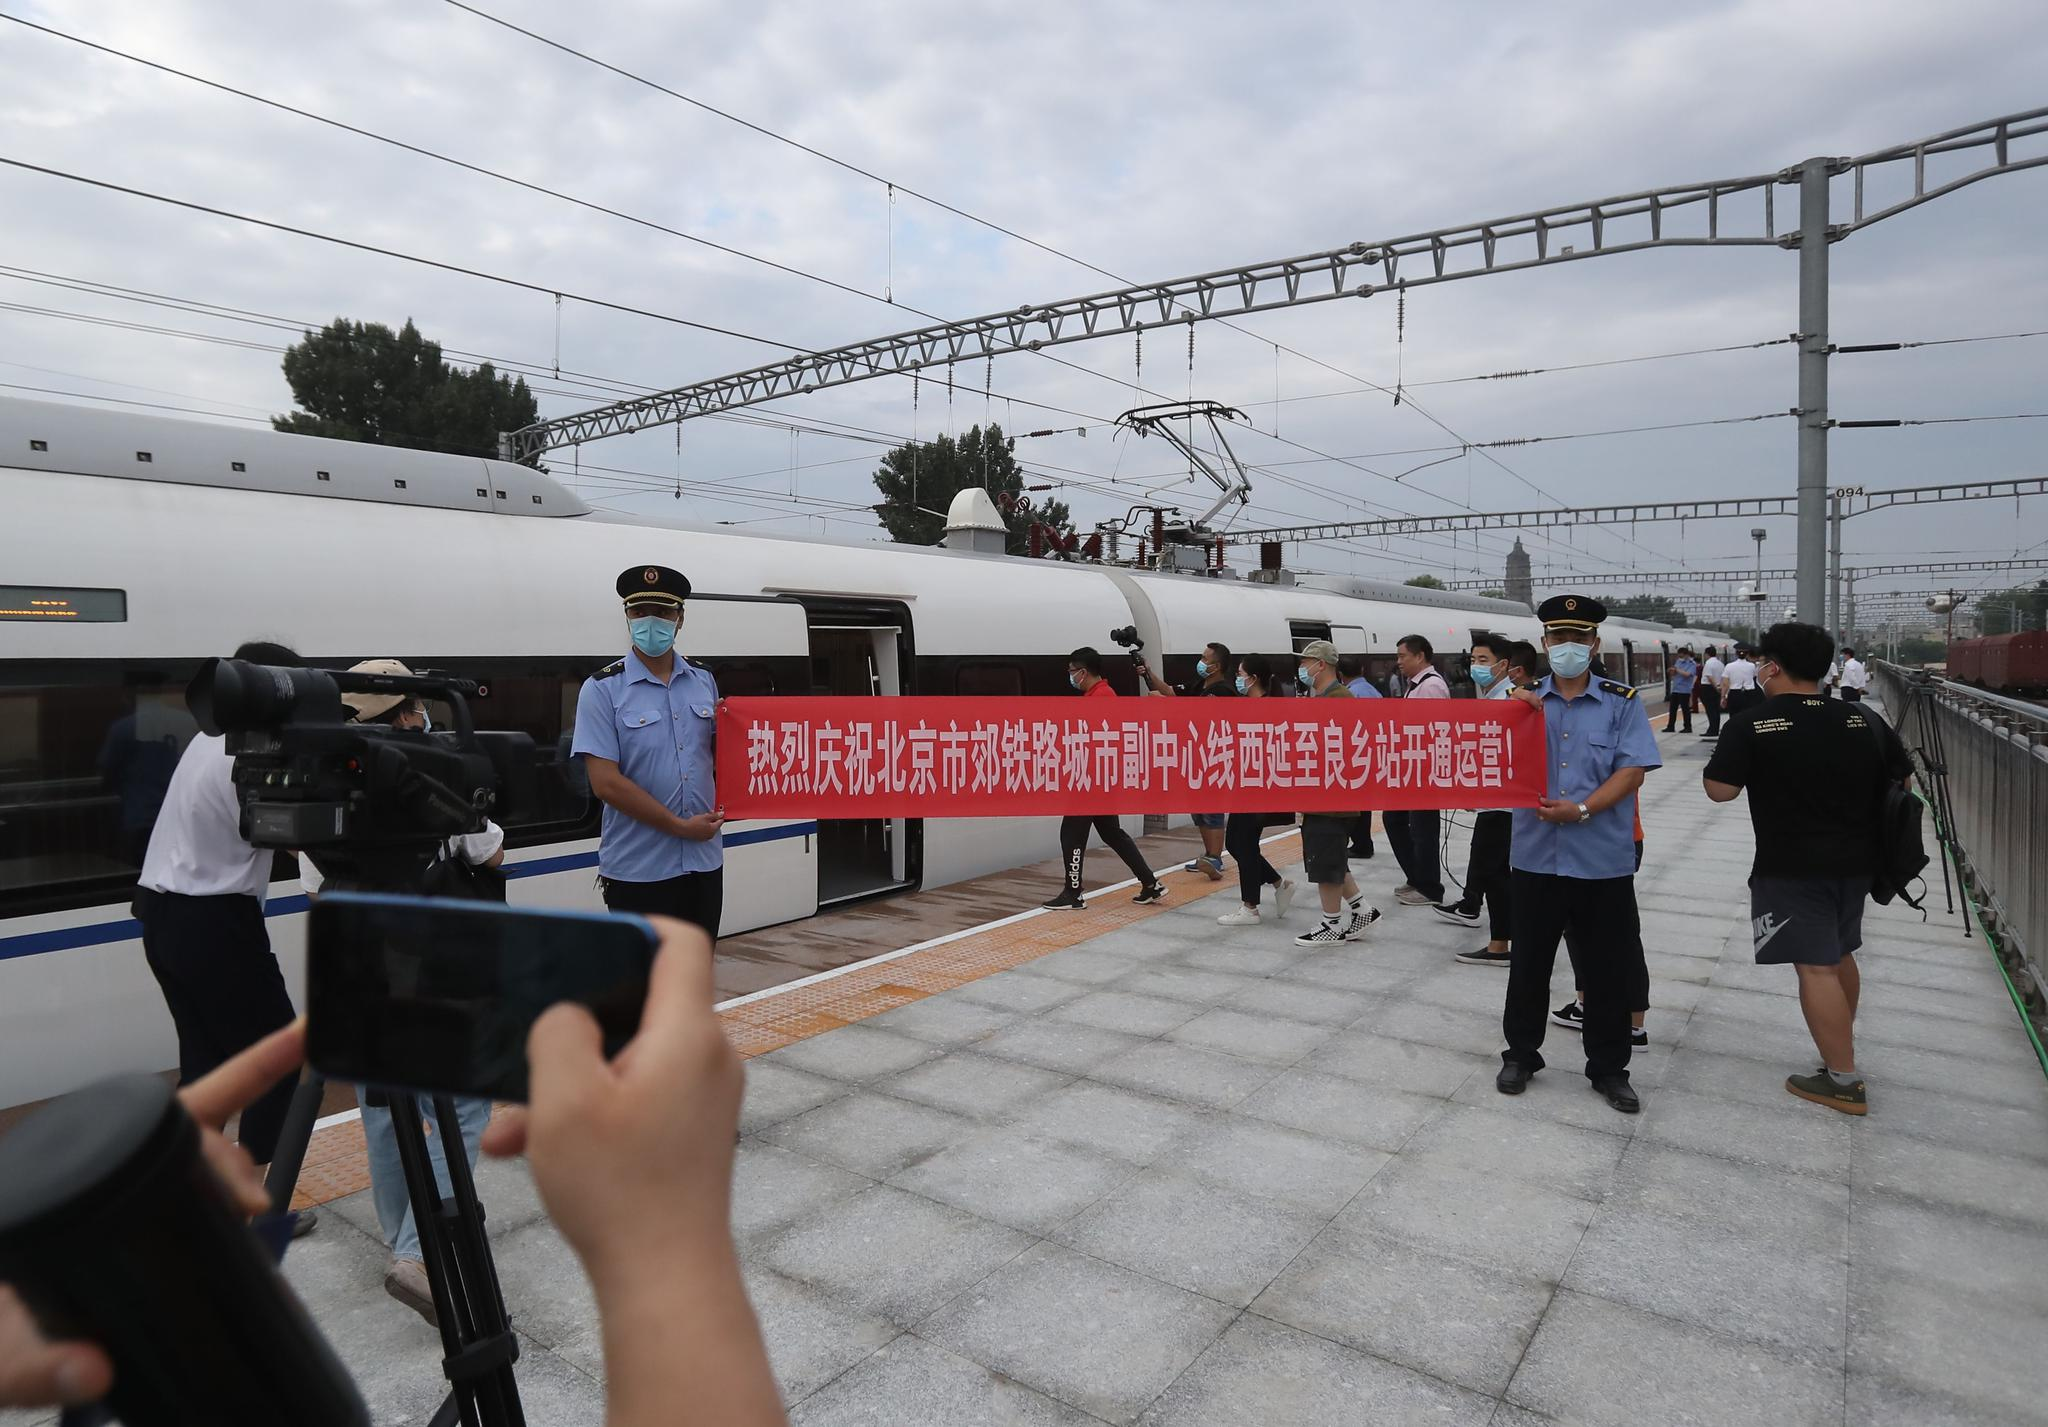 摩天招商:京市郊铁路摩天招商城市副中图片